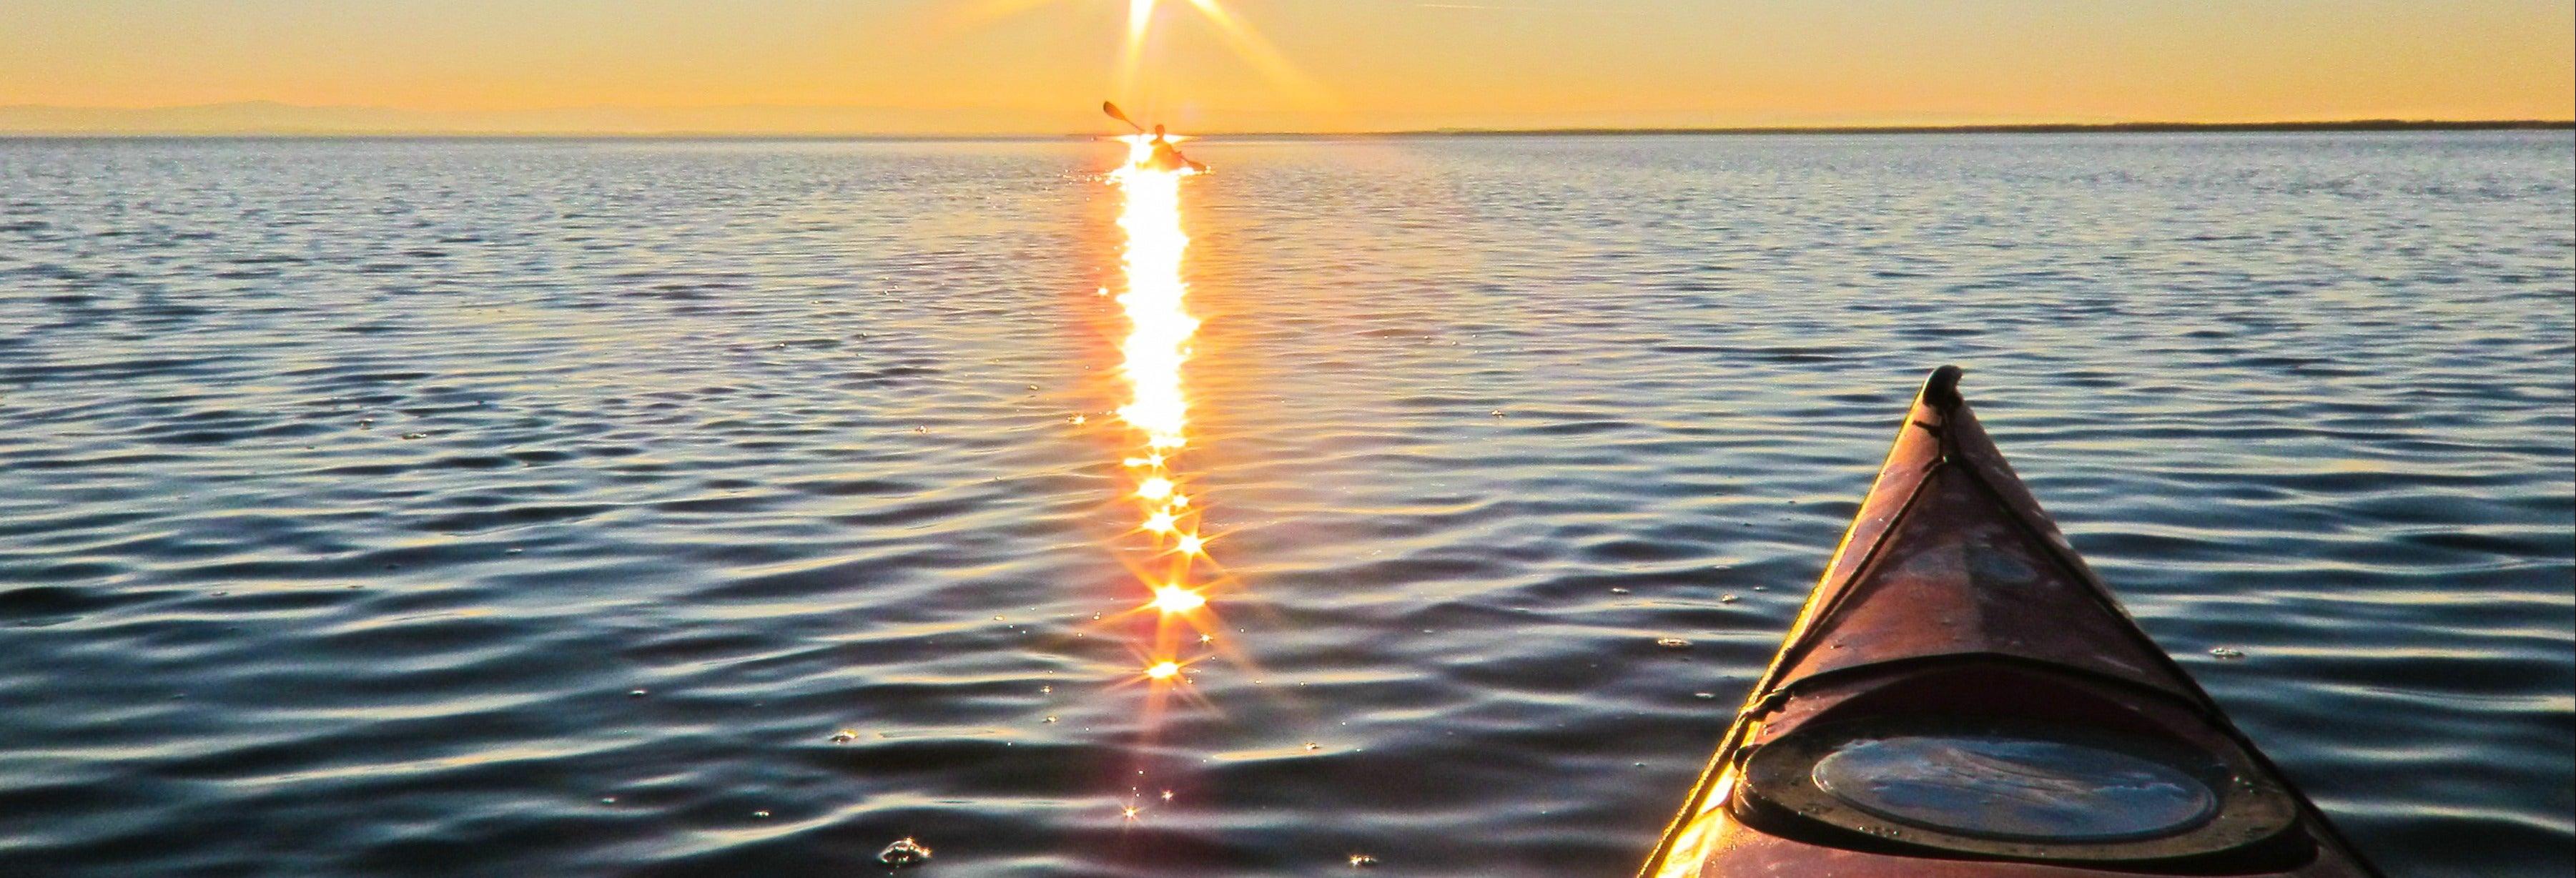 Tour en kayak por el castillo de Sancti Petri al atardecer